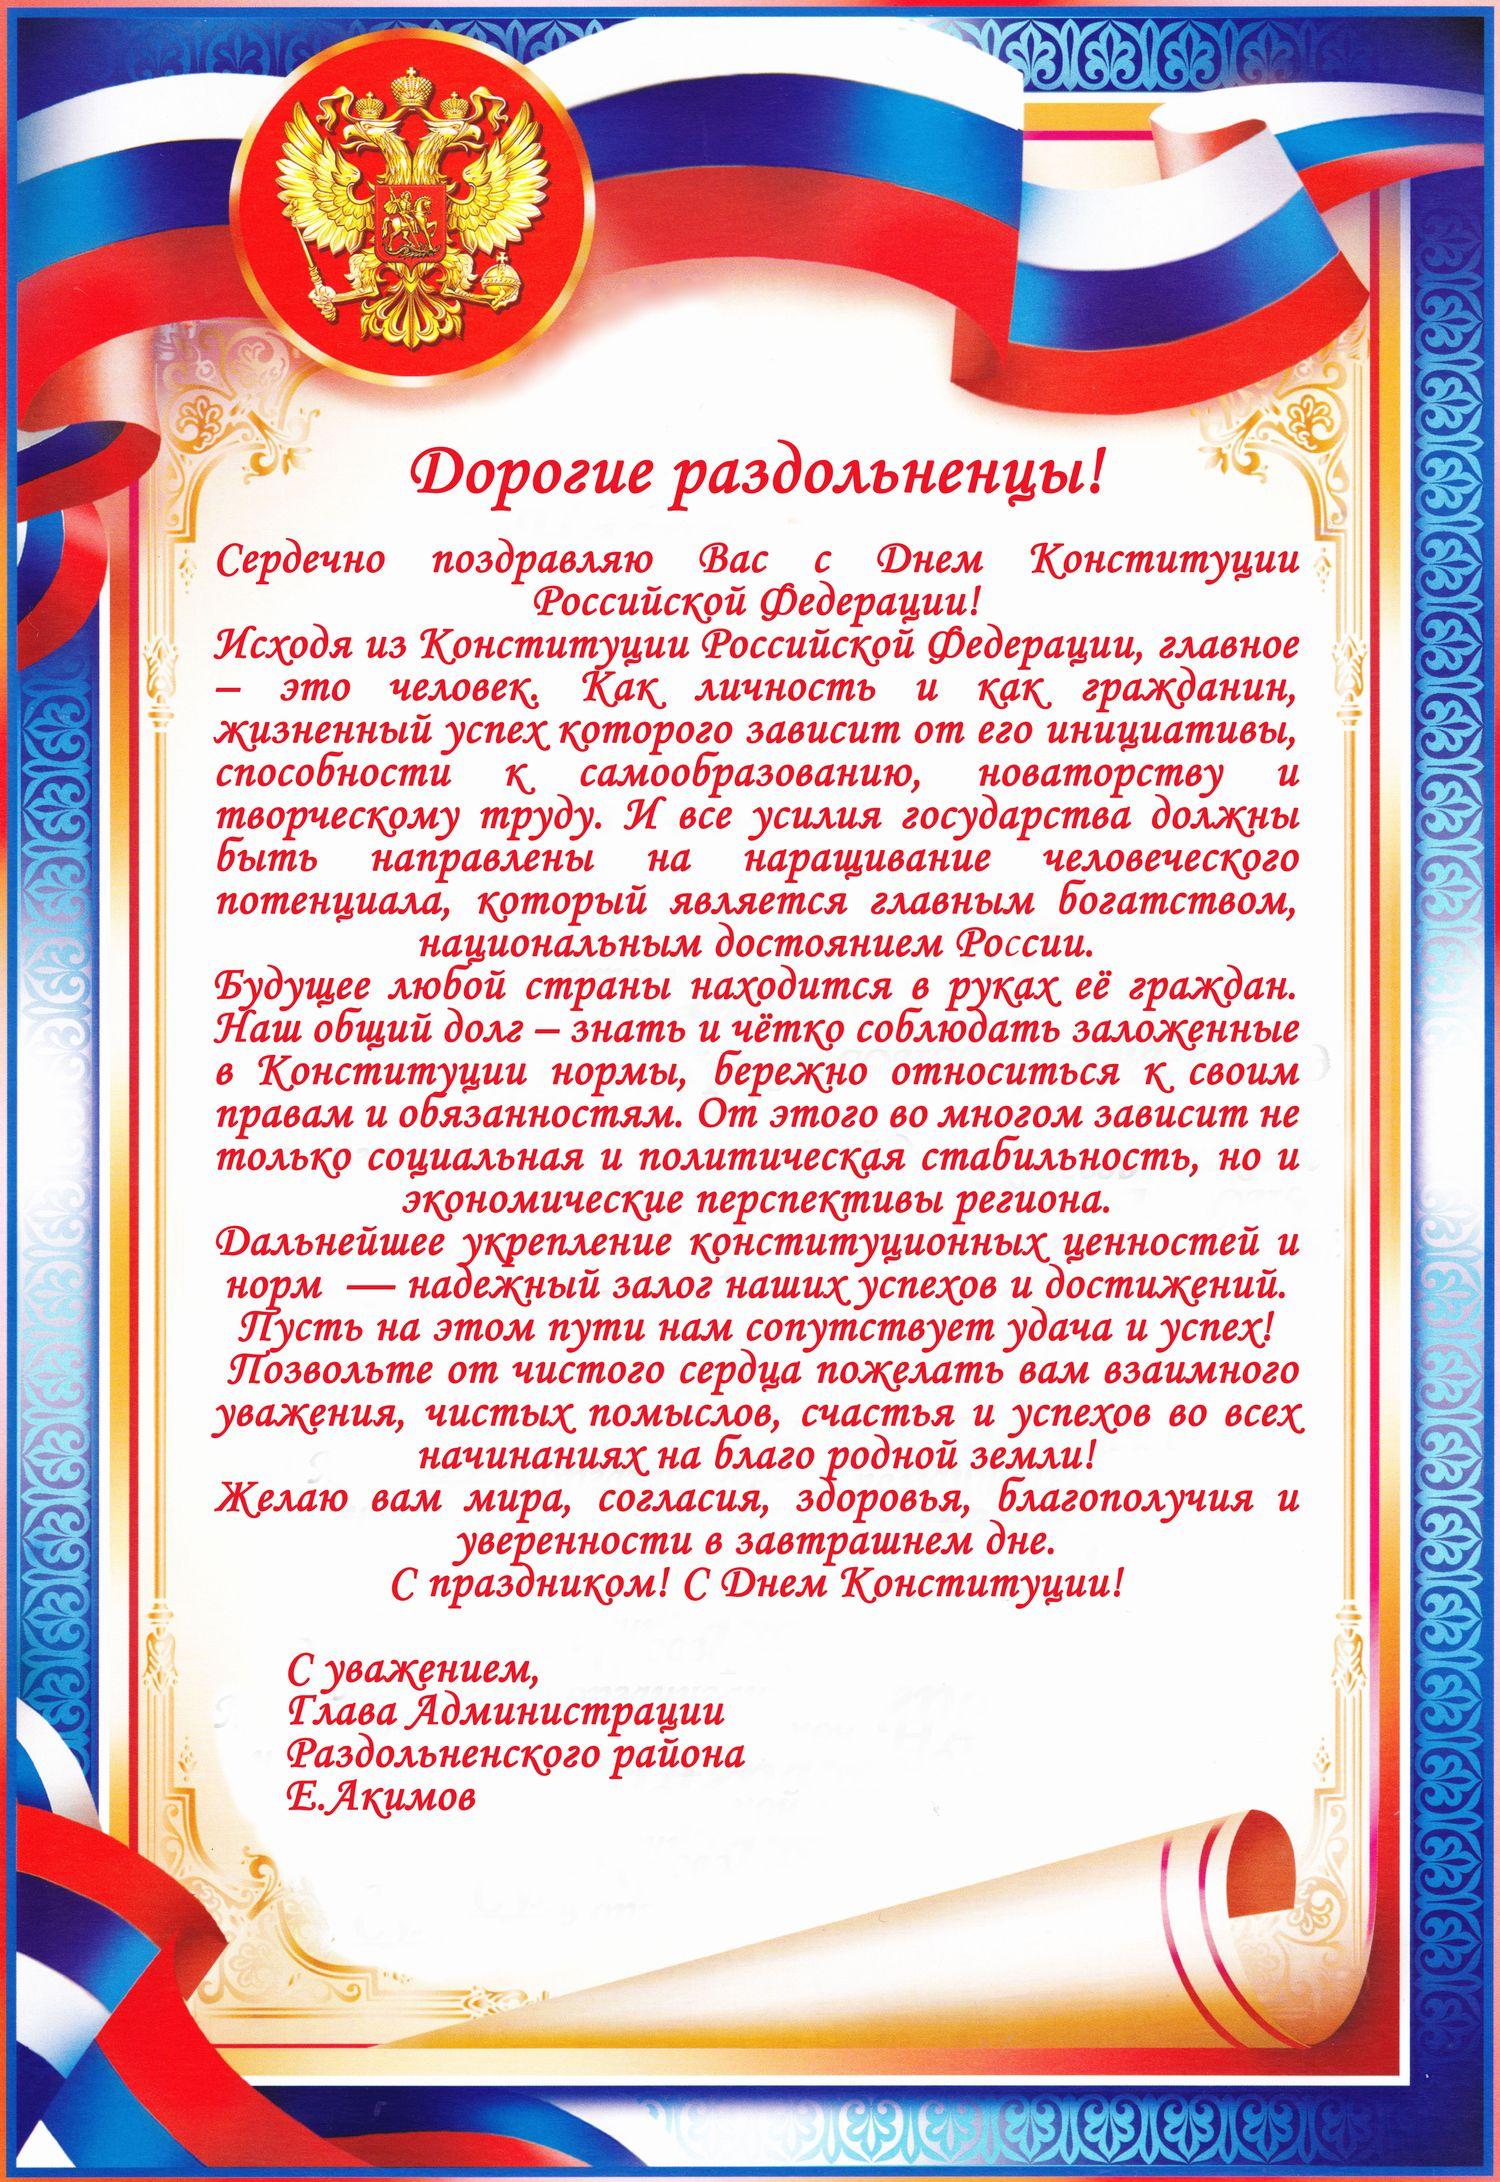 поздравление глав администраций с днем конституции